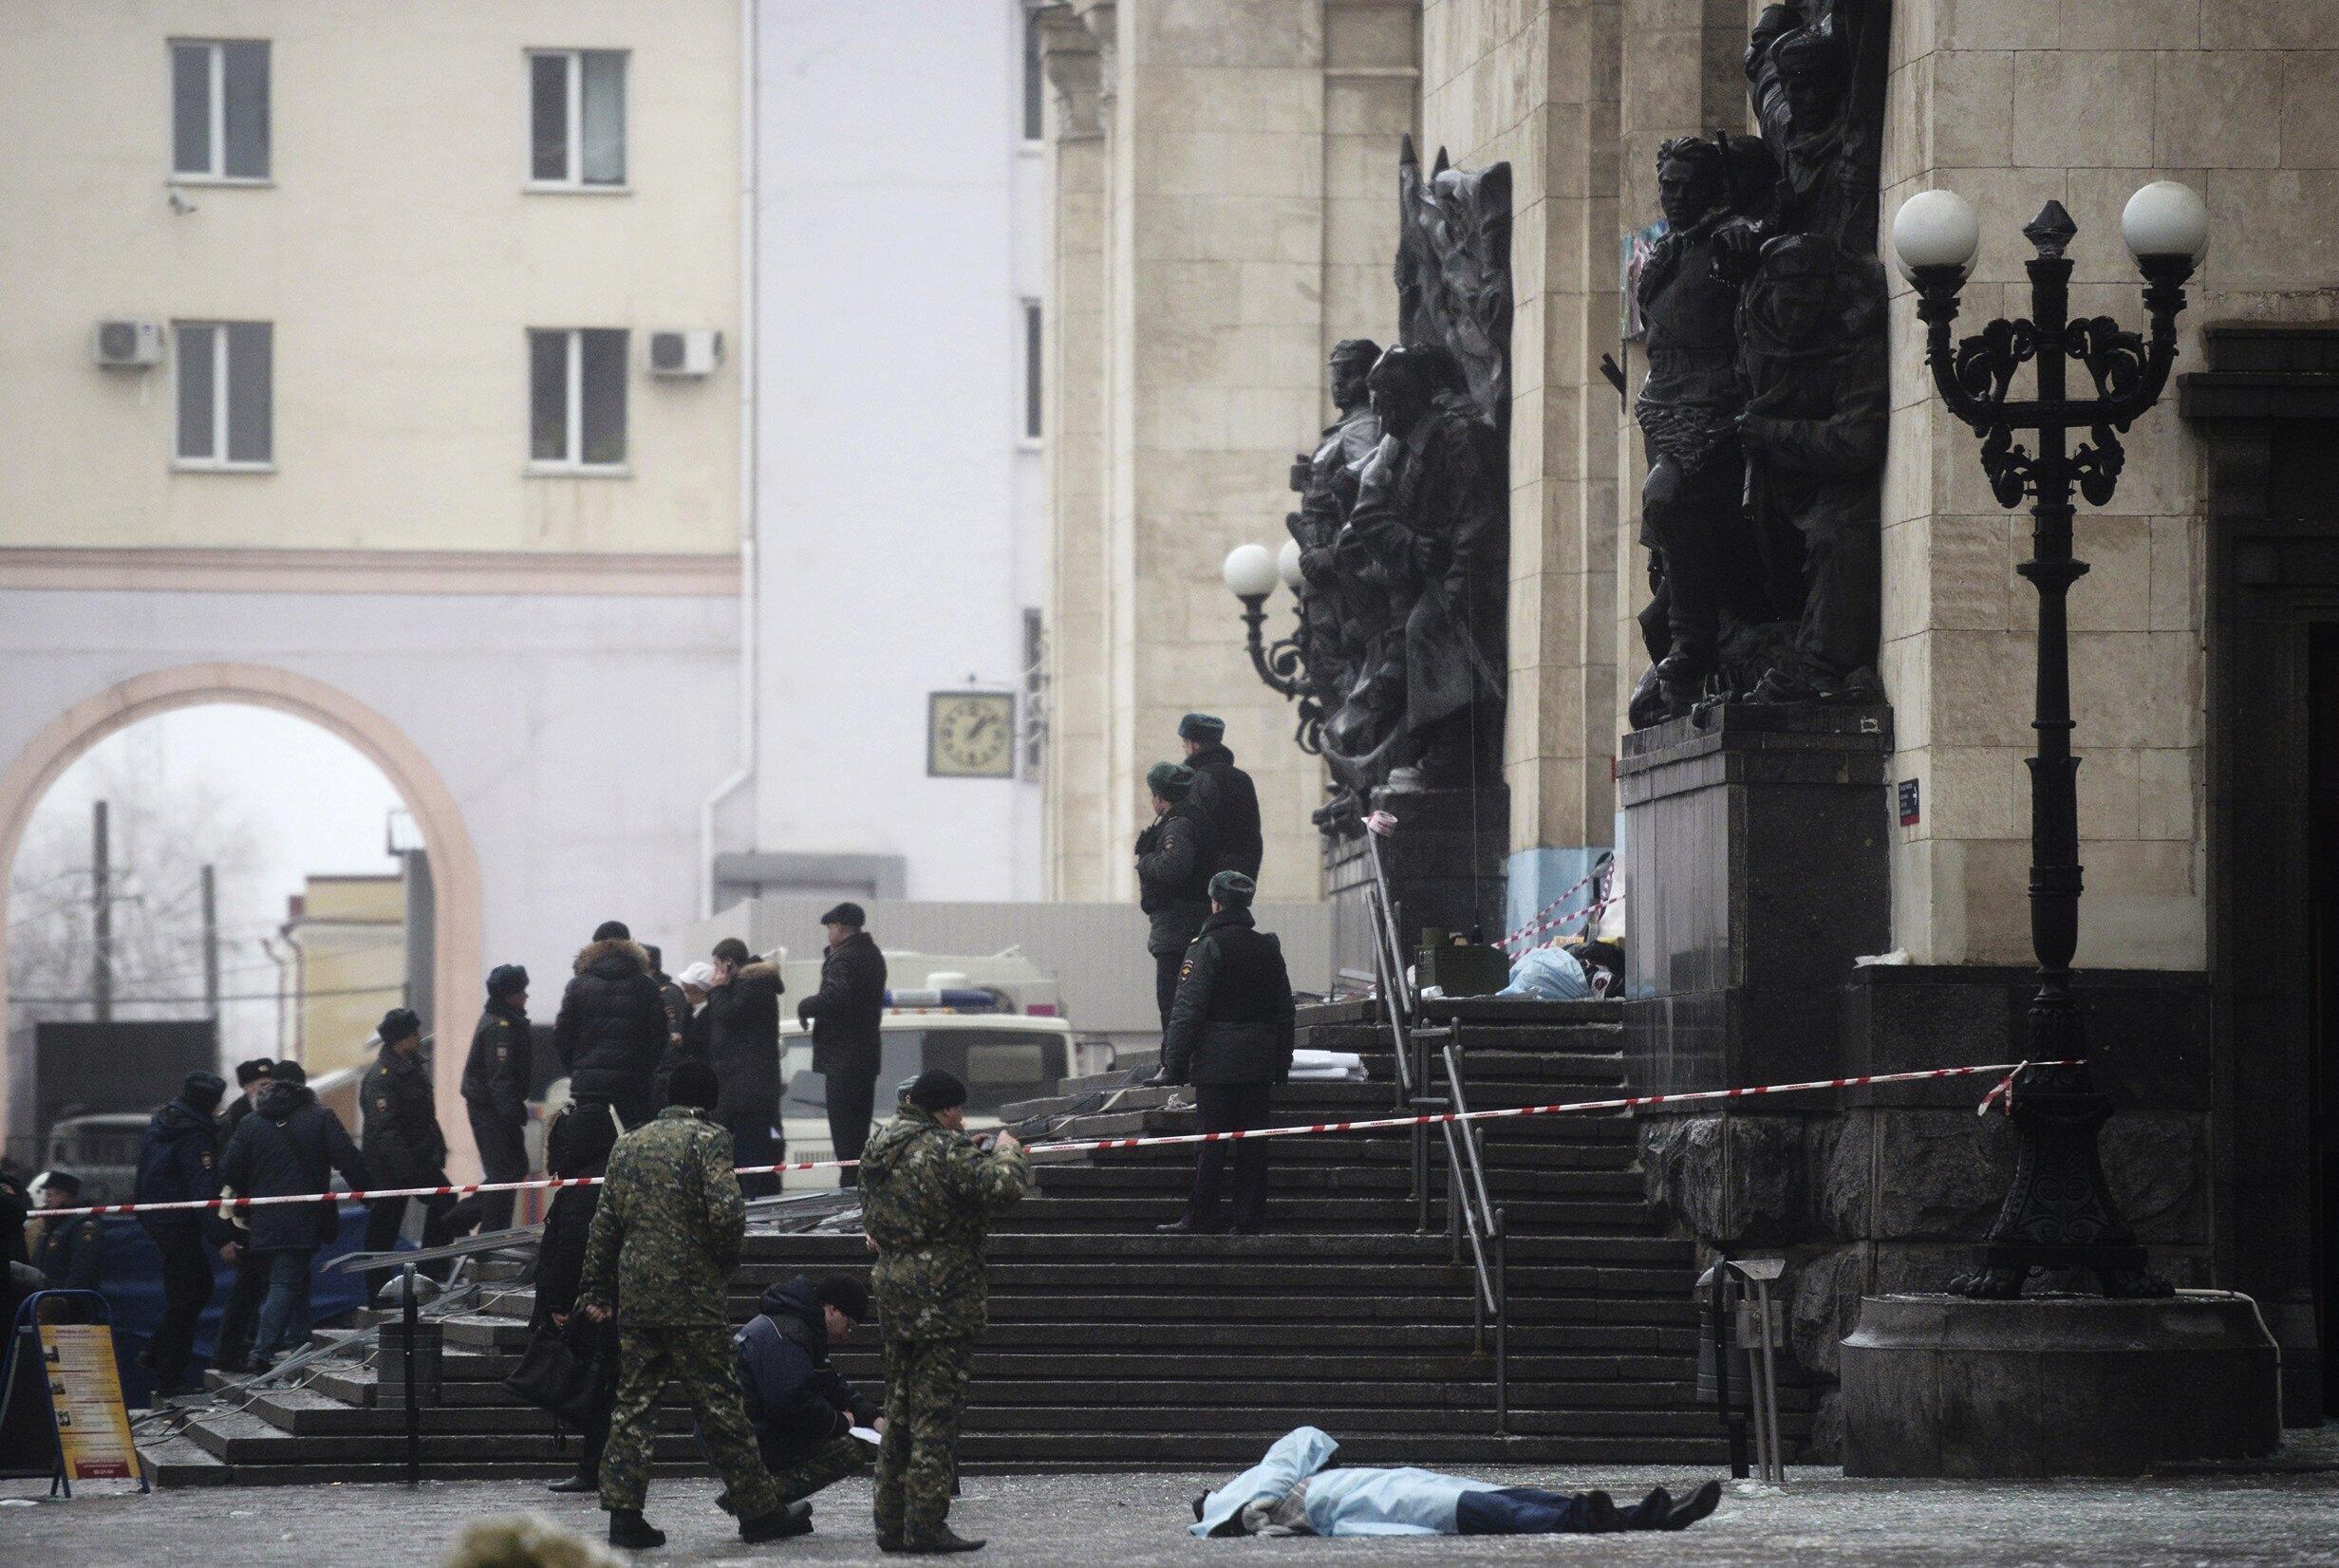 Следственная бригада у главного входа железнодорожного вокзала Волгограда 29/12/2013